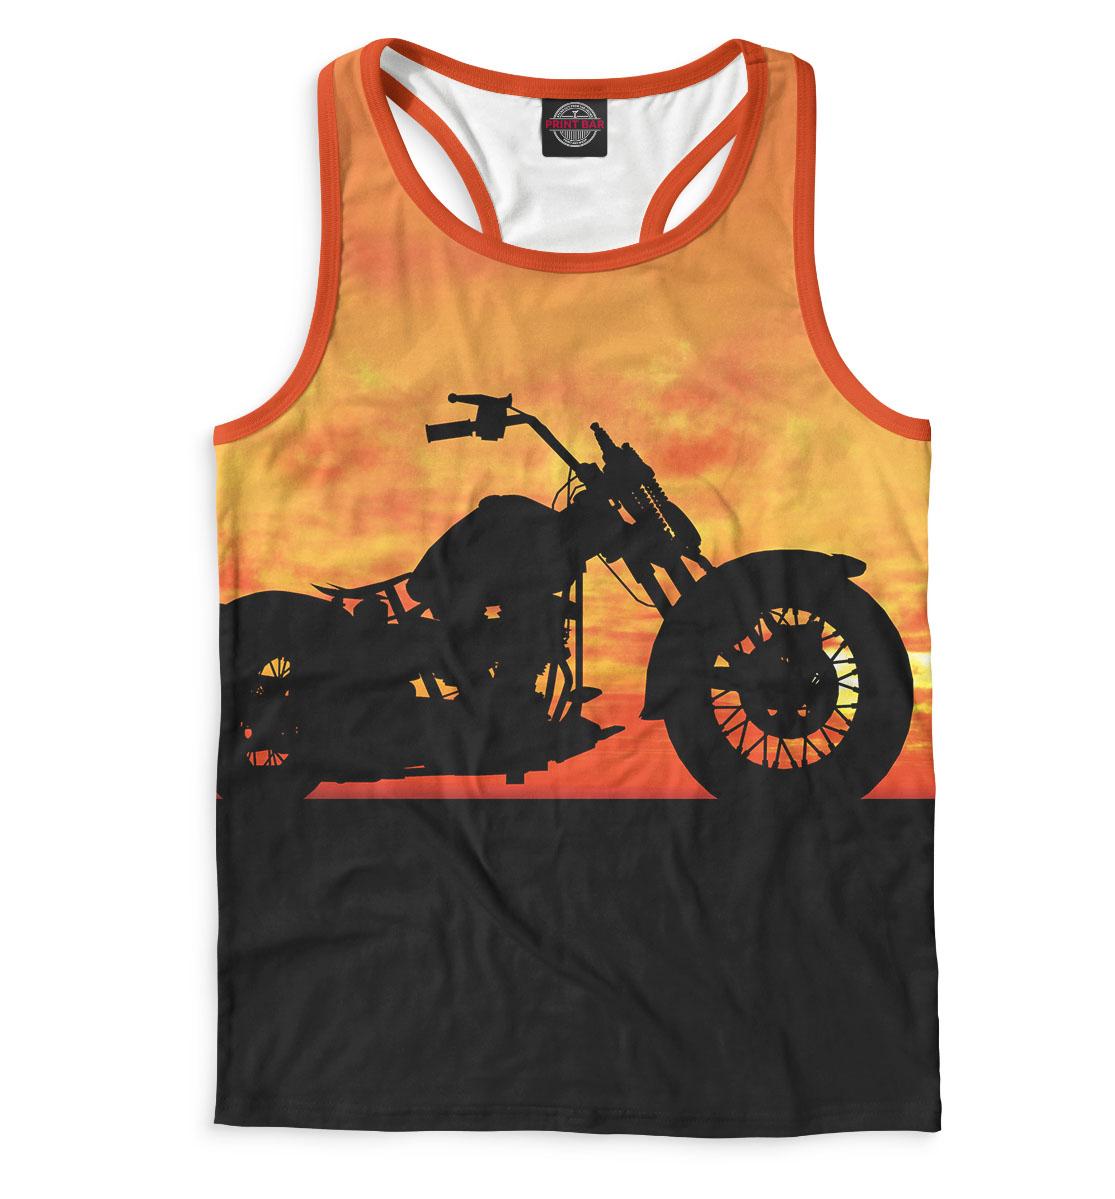 Купить Мотоцикл, Printbar, Майки борцовки, MTR-761237-mayb-2